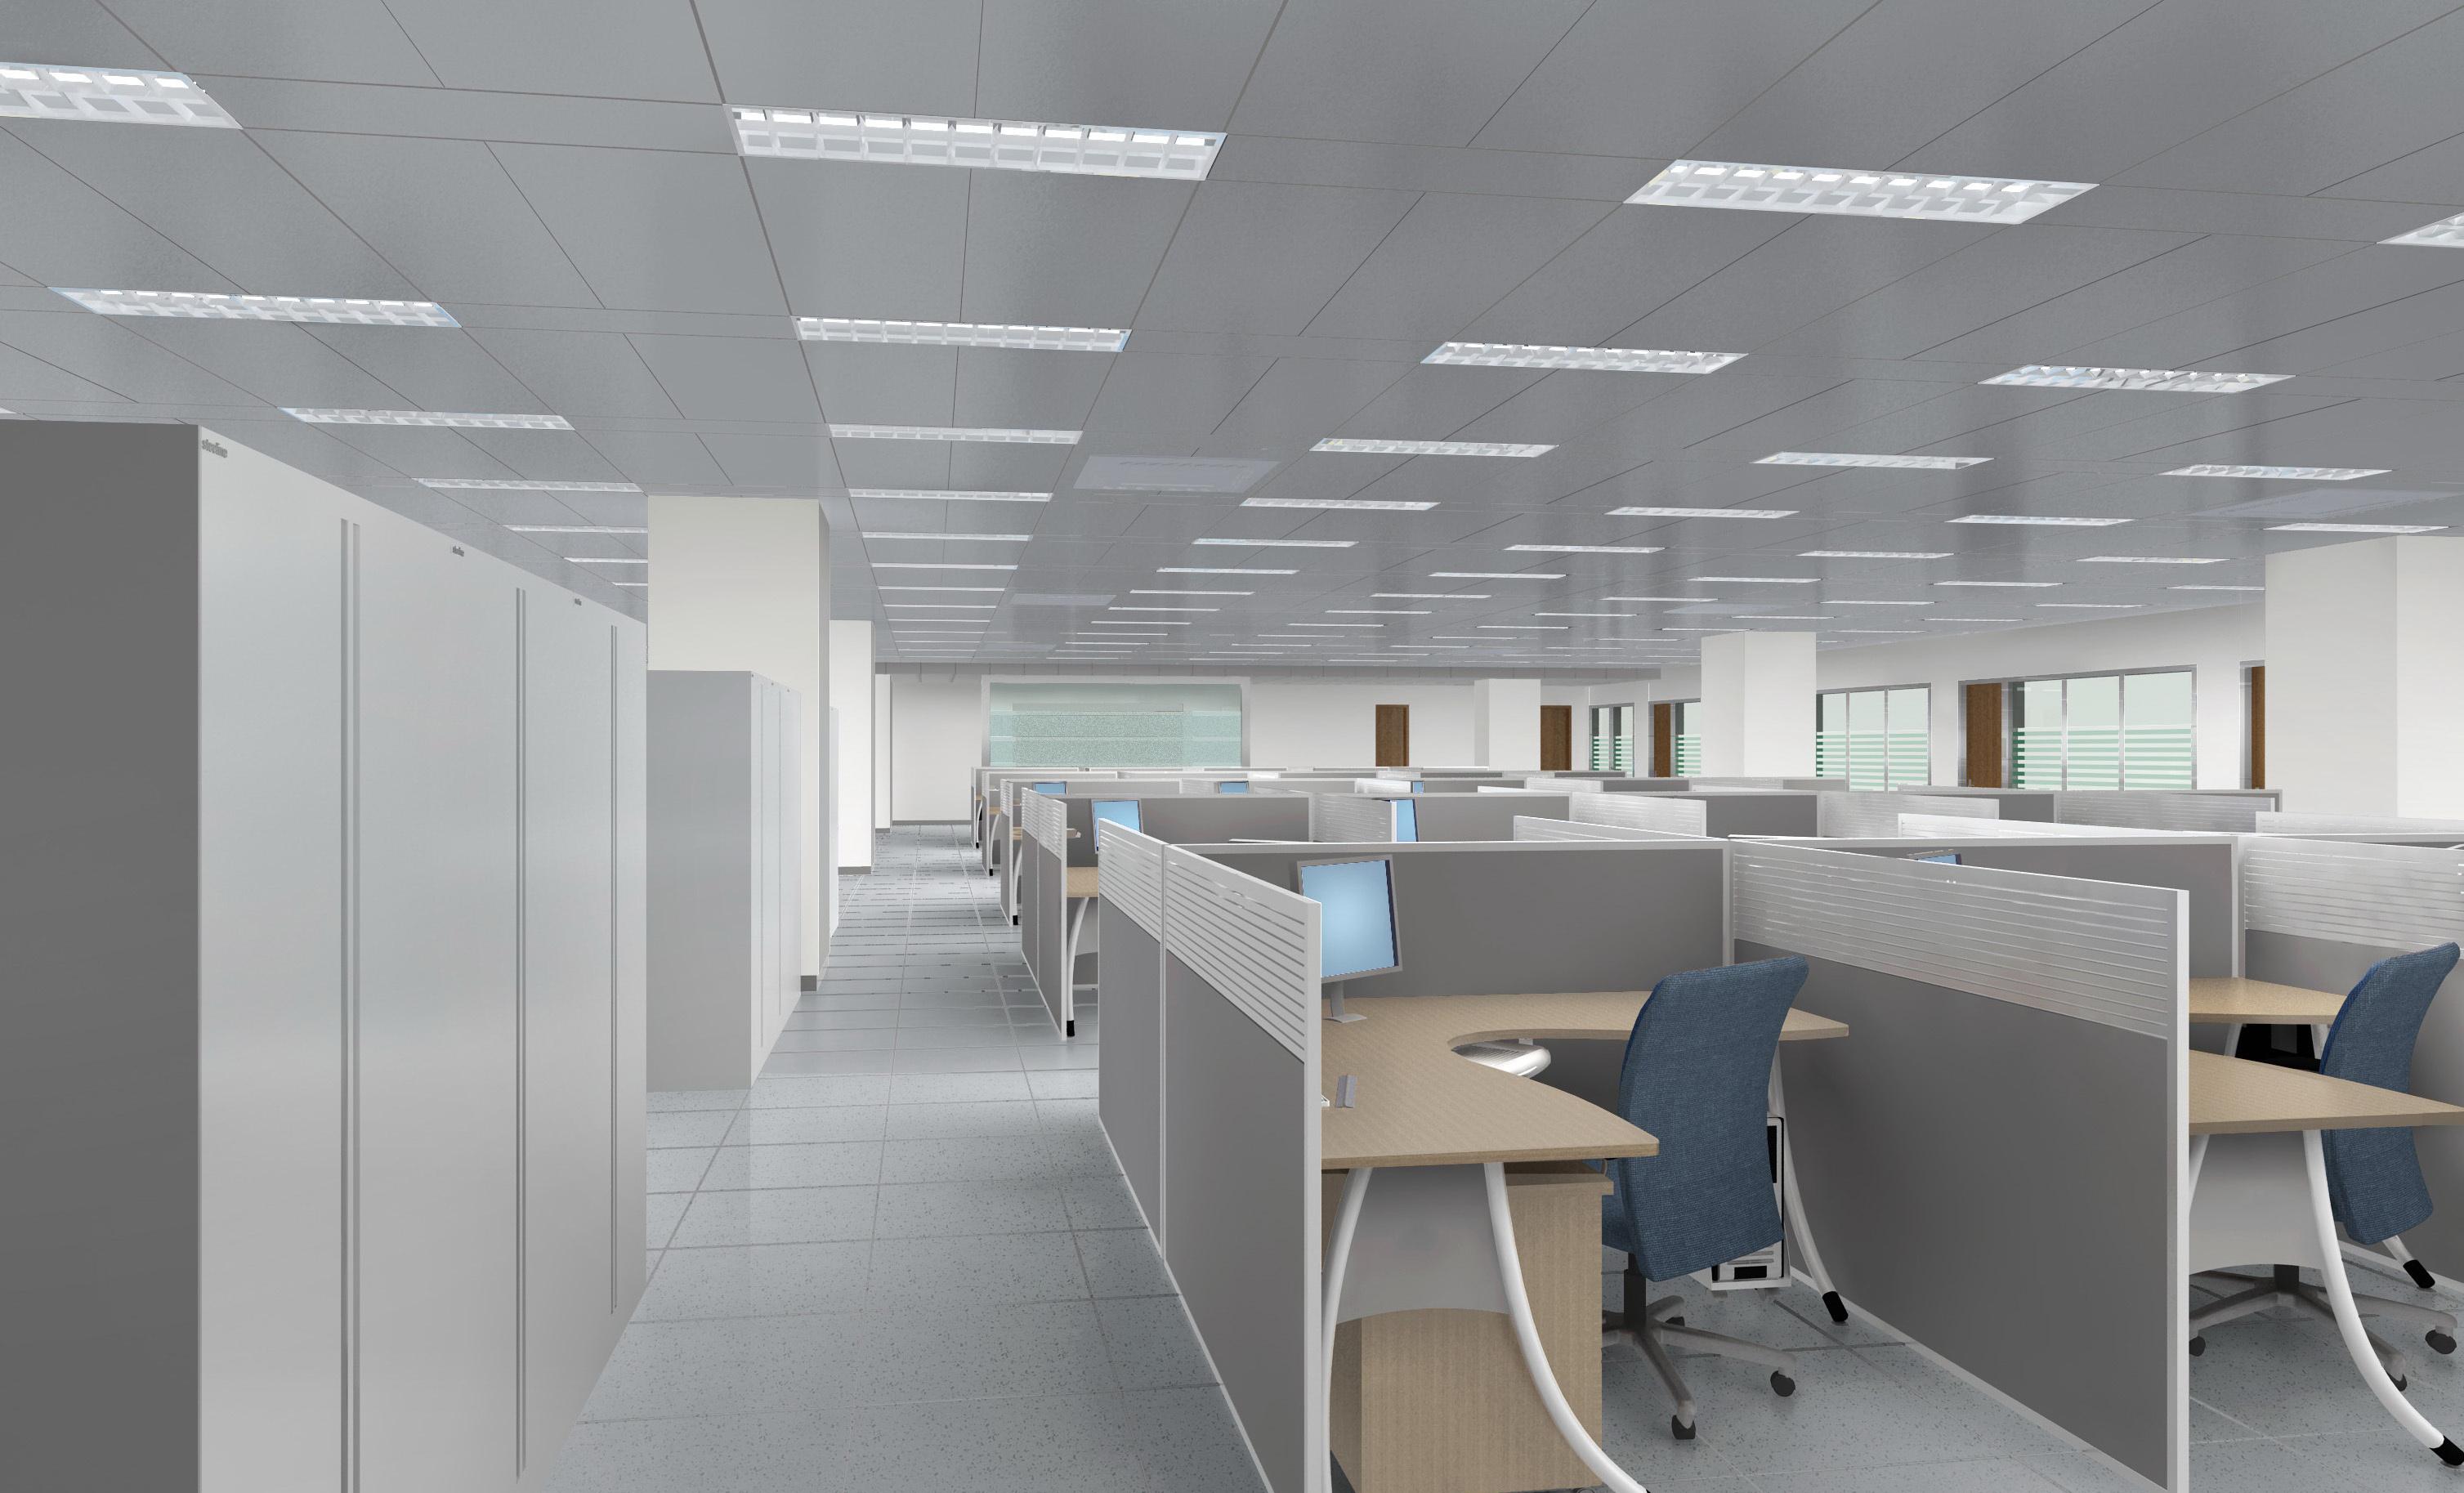 深圳装修公司臻翰装饰注重于办公室装修室内设计宗旨,为客户创造一个良好的办公室内环境。办公室装修室内设计需要对室内划分平面布置、界面处理、采光及照明、色彩的选择、氛围的营造等方面进行通盘的考虑。让客户满意是我们工作的唯一标准! 施工质量控制:各项工程均严格按施工工艺和质量标准施工,严格按验收标准和验收体系验收。